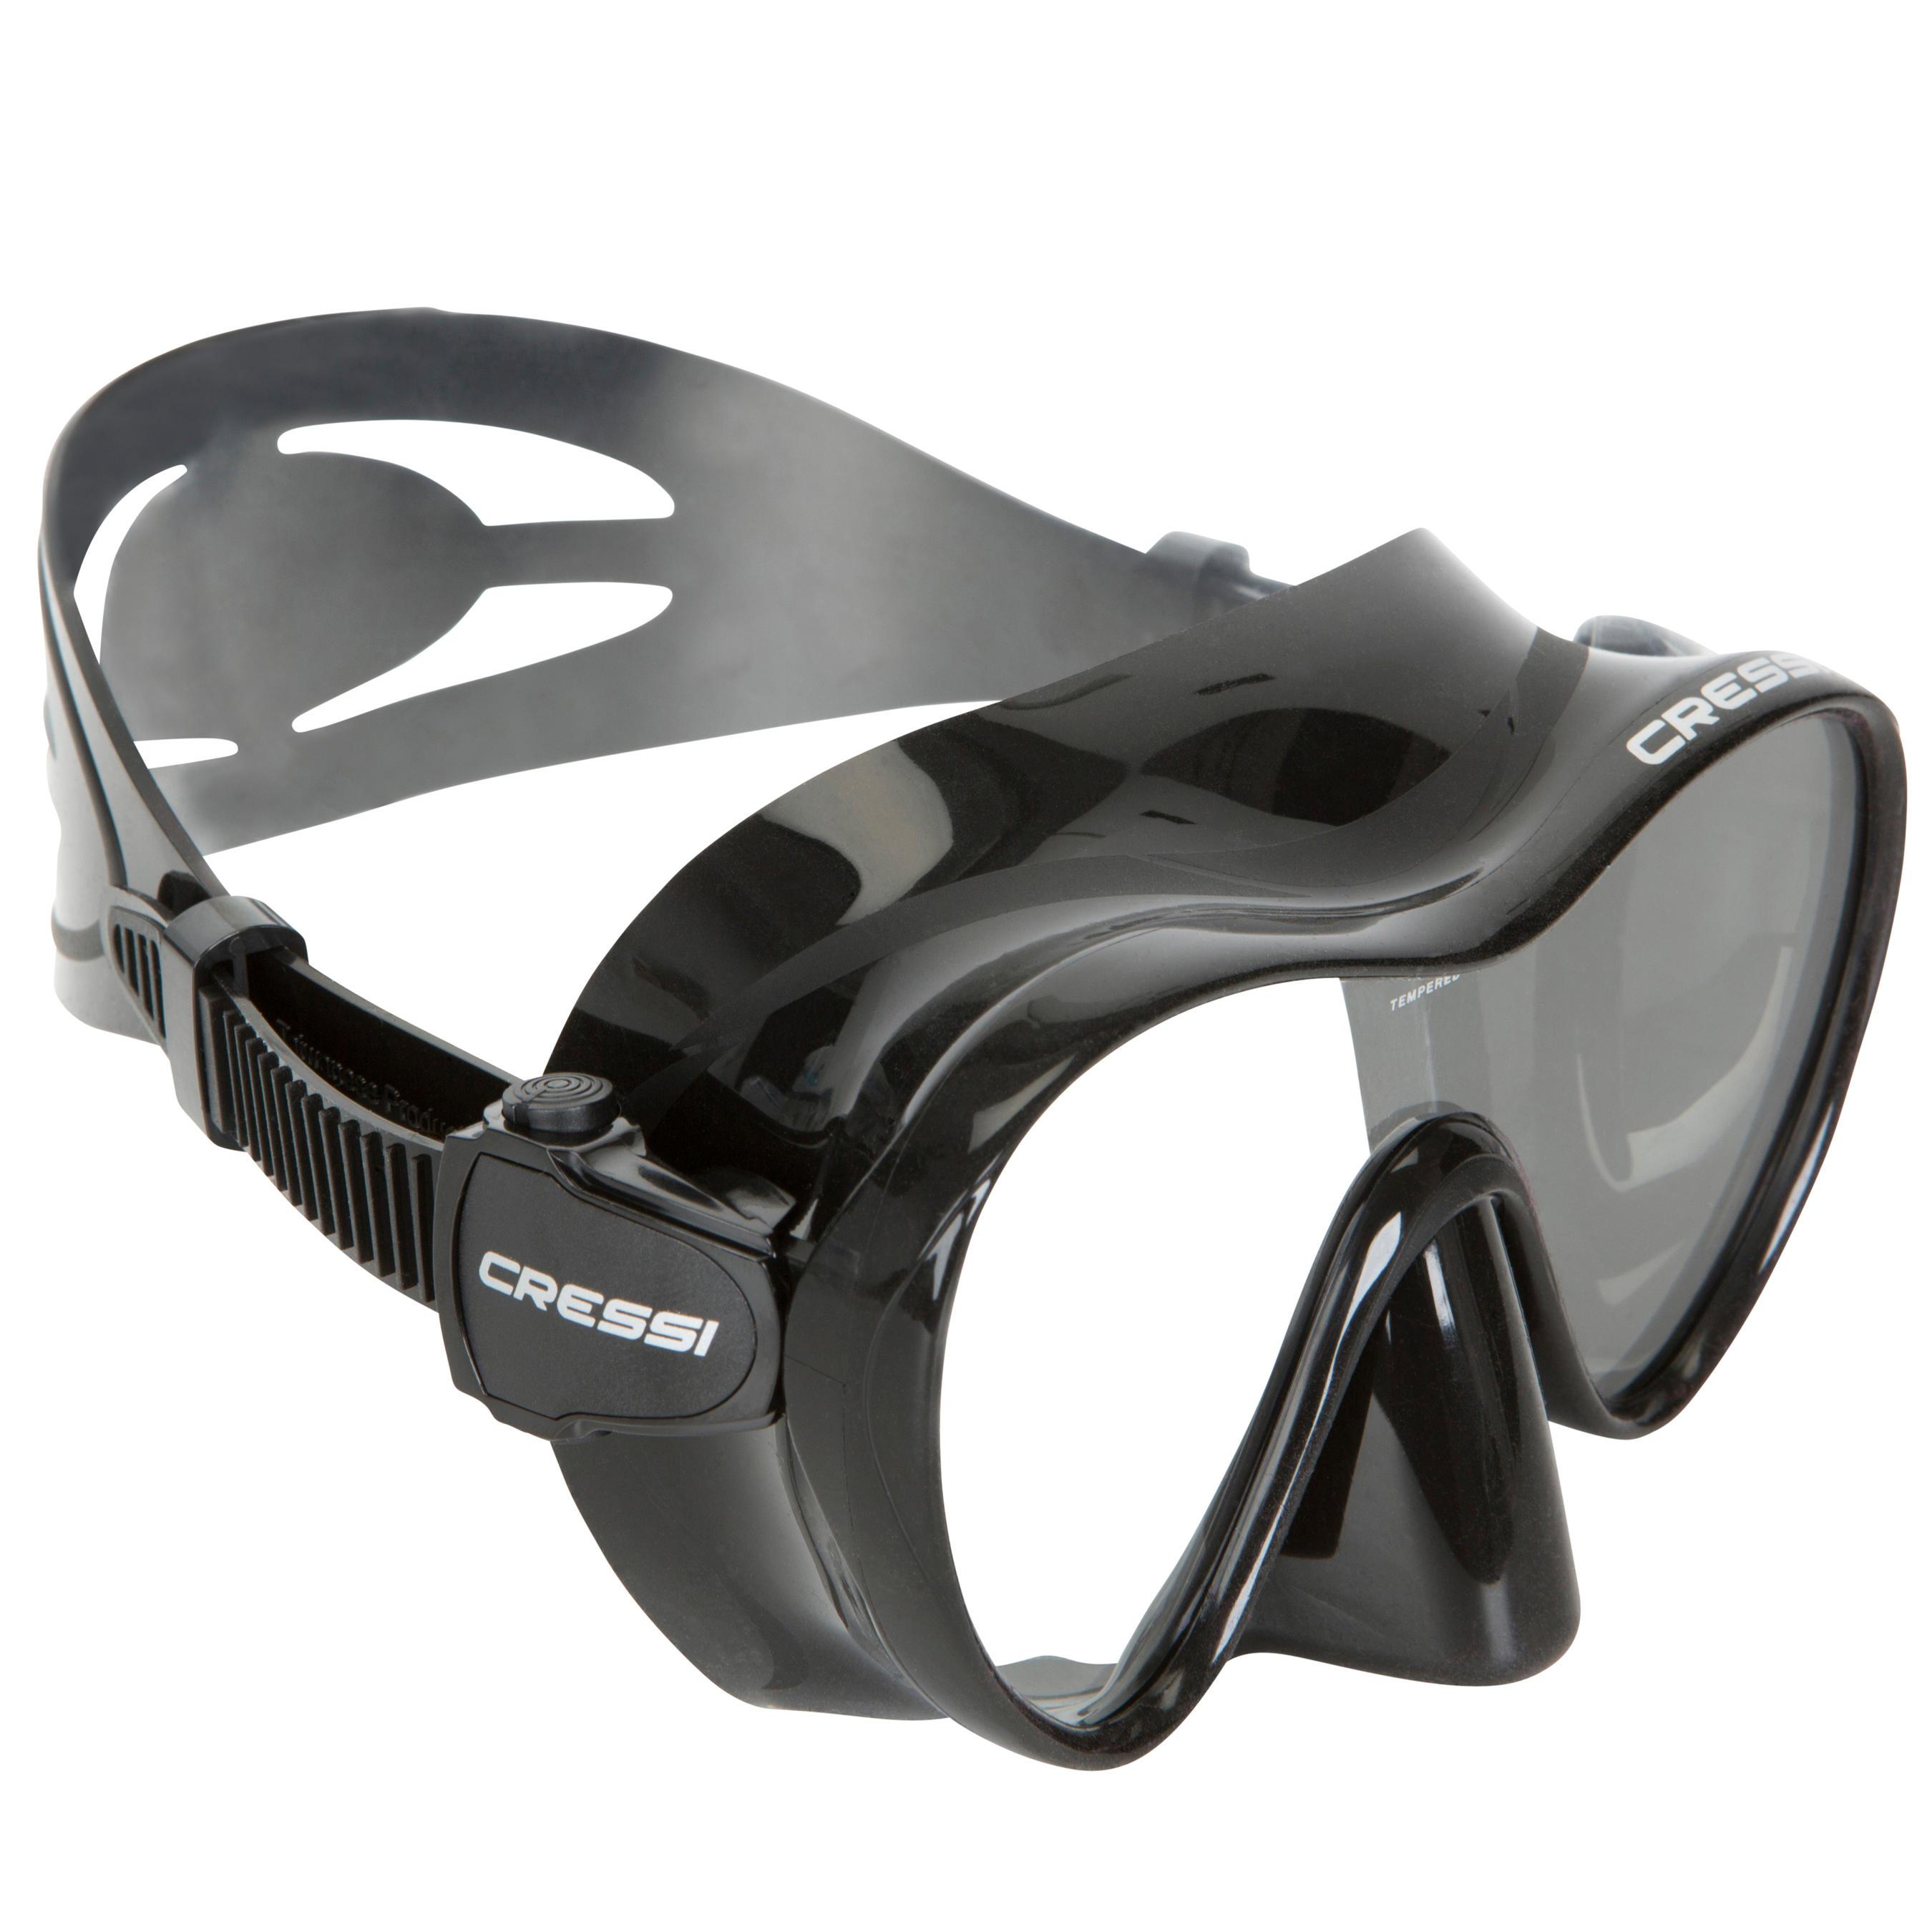 Cressi Duikbril F1 Cressi zwart frameless kopen? Leest dit eerst: Duikmasker en snorkel Duikmasker met korting